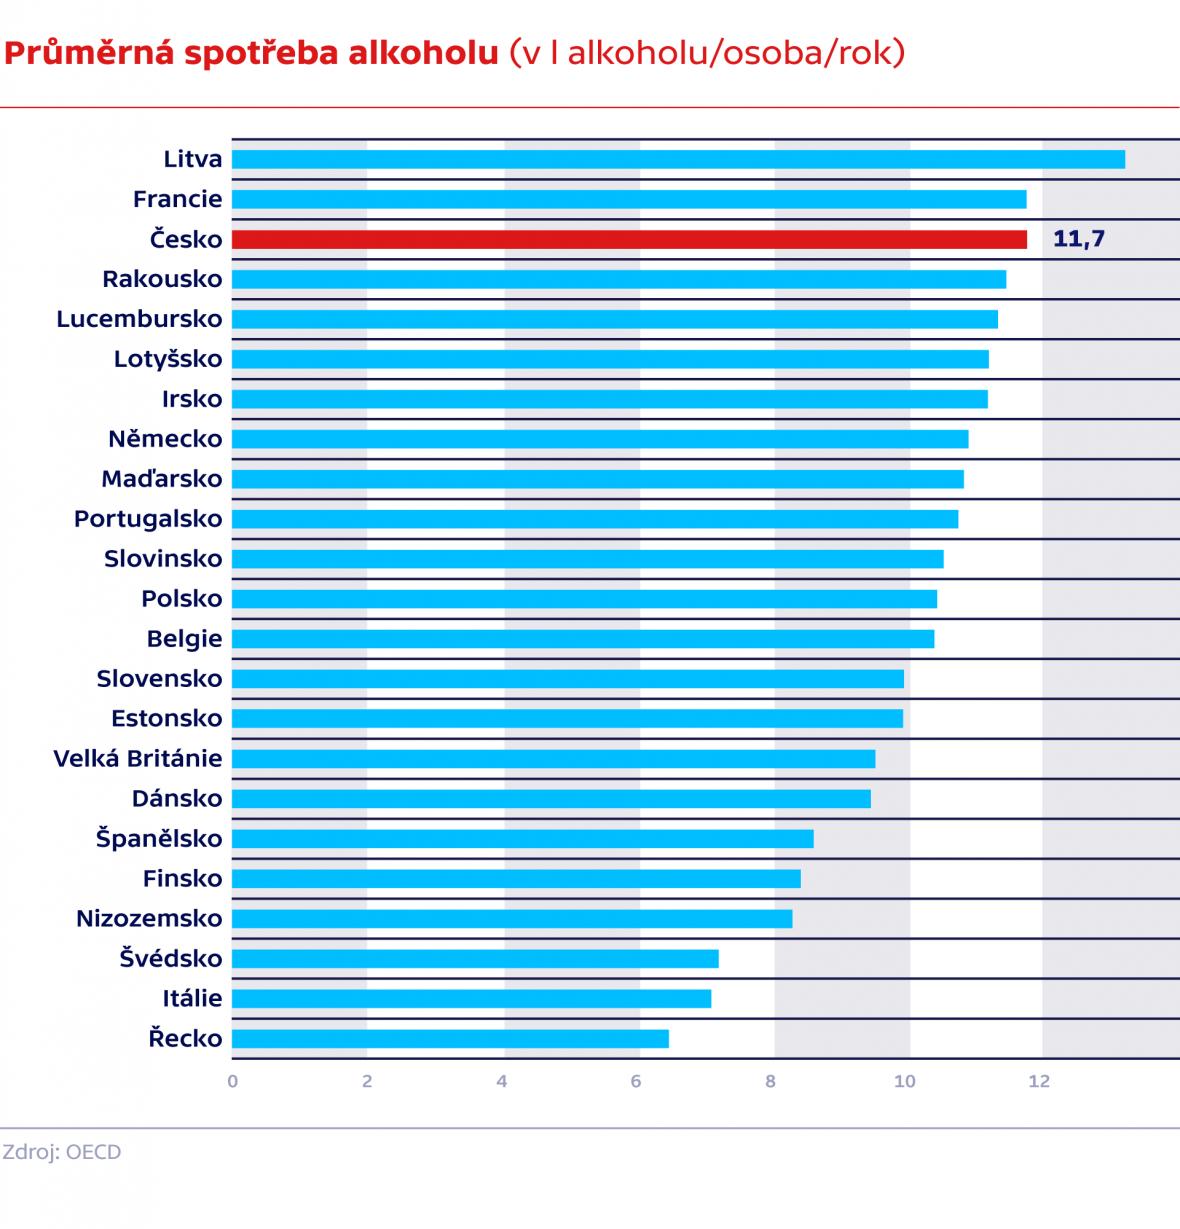 Průměrná spotřeba alkoholu (v l alkoholu/osoba/rok)